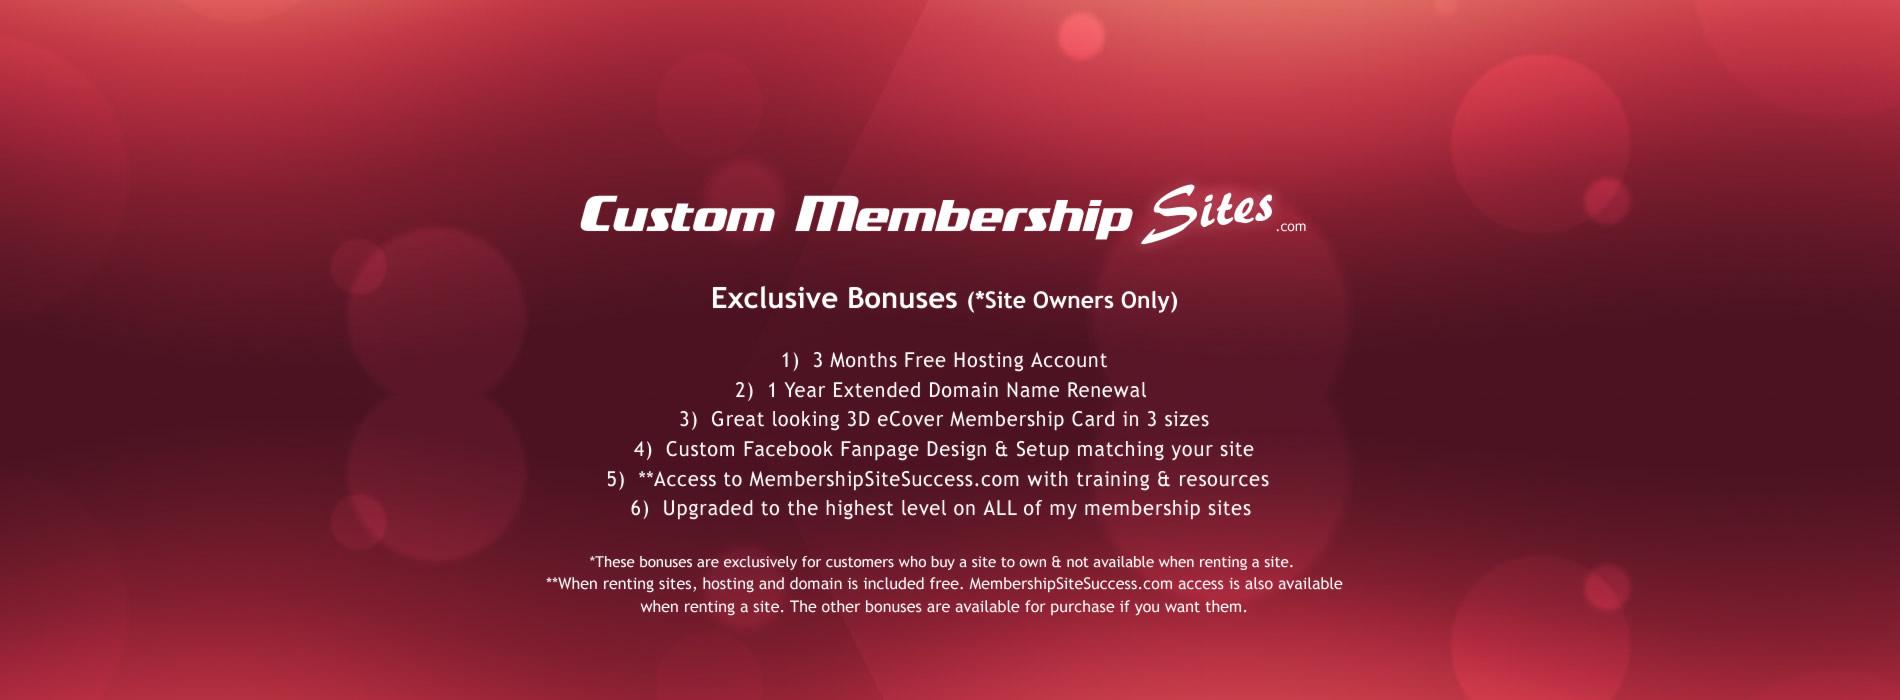 Membership Site Owner Bonuses